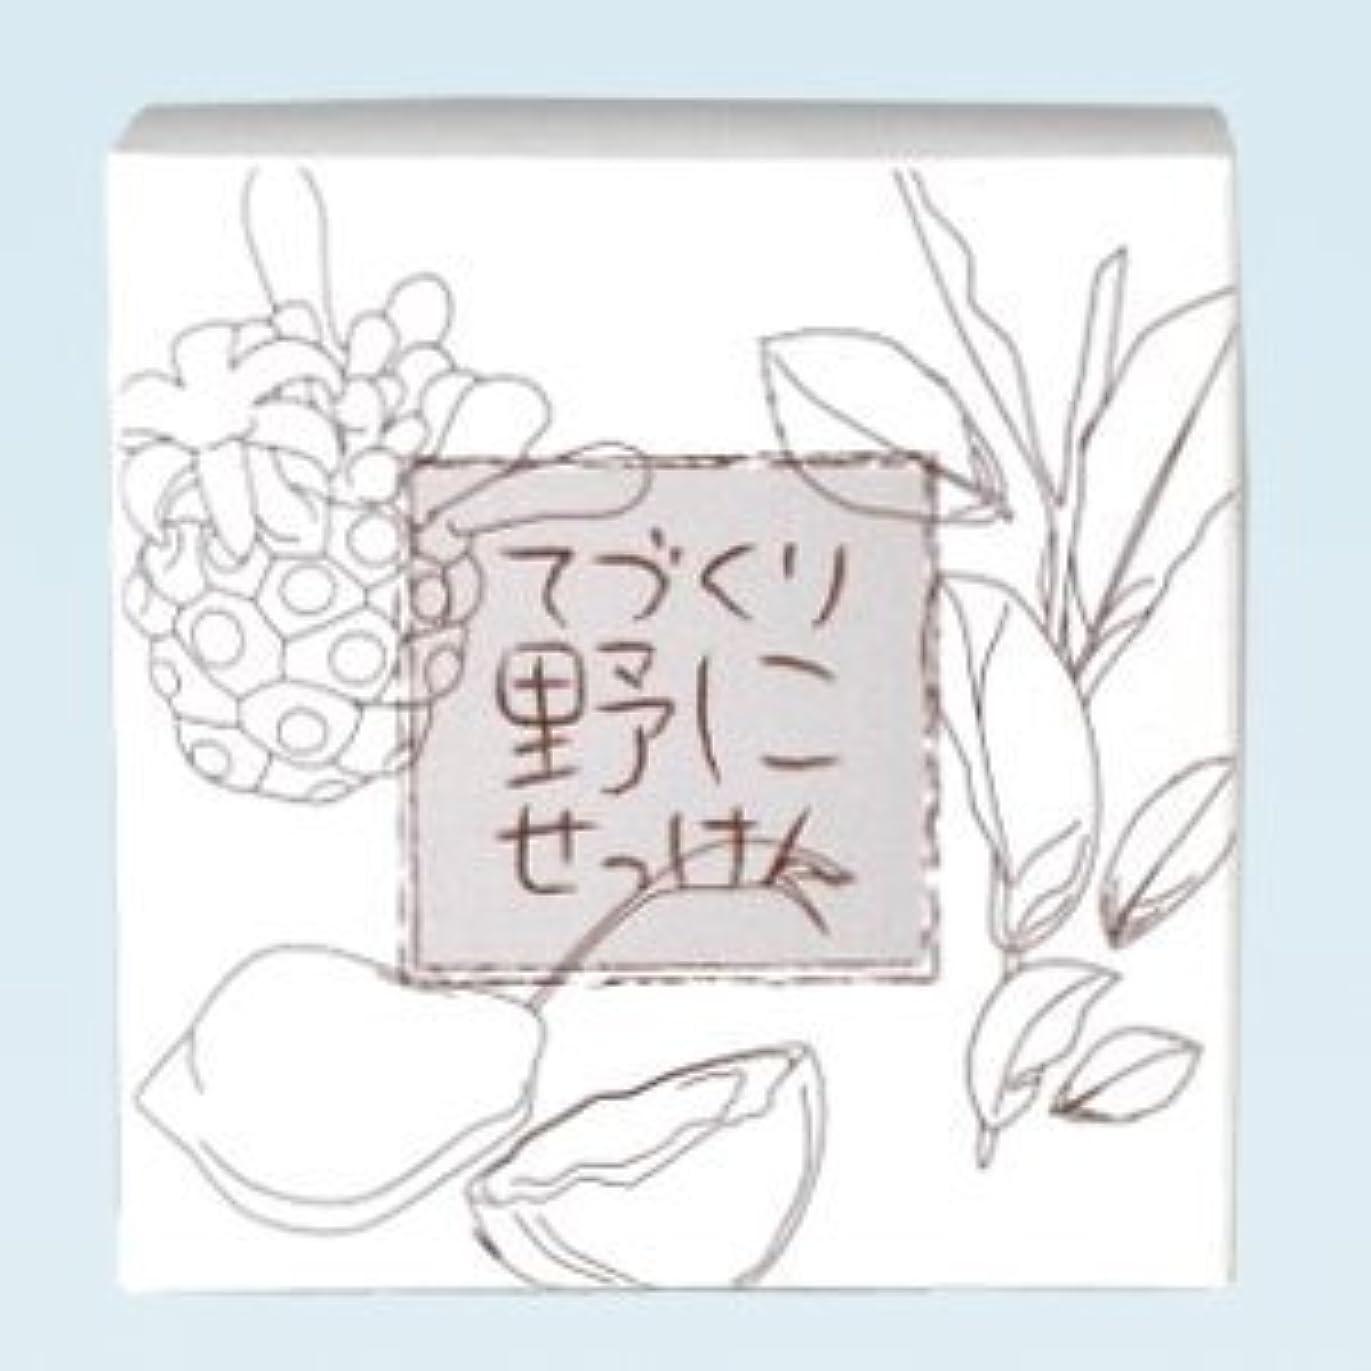 雷雨月曜日スクラップブック緑茶 ノニ石鹸 てづくり野にせっけん(115g)